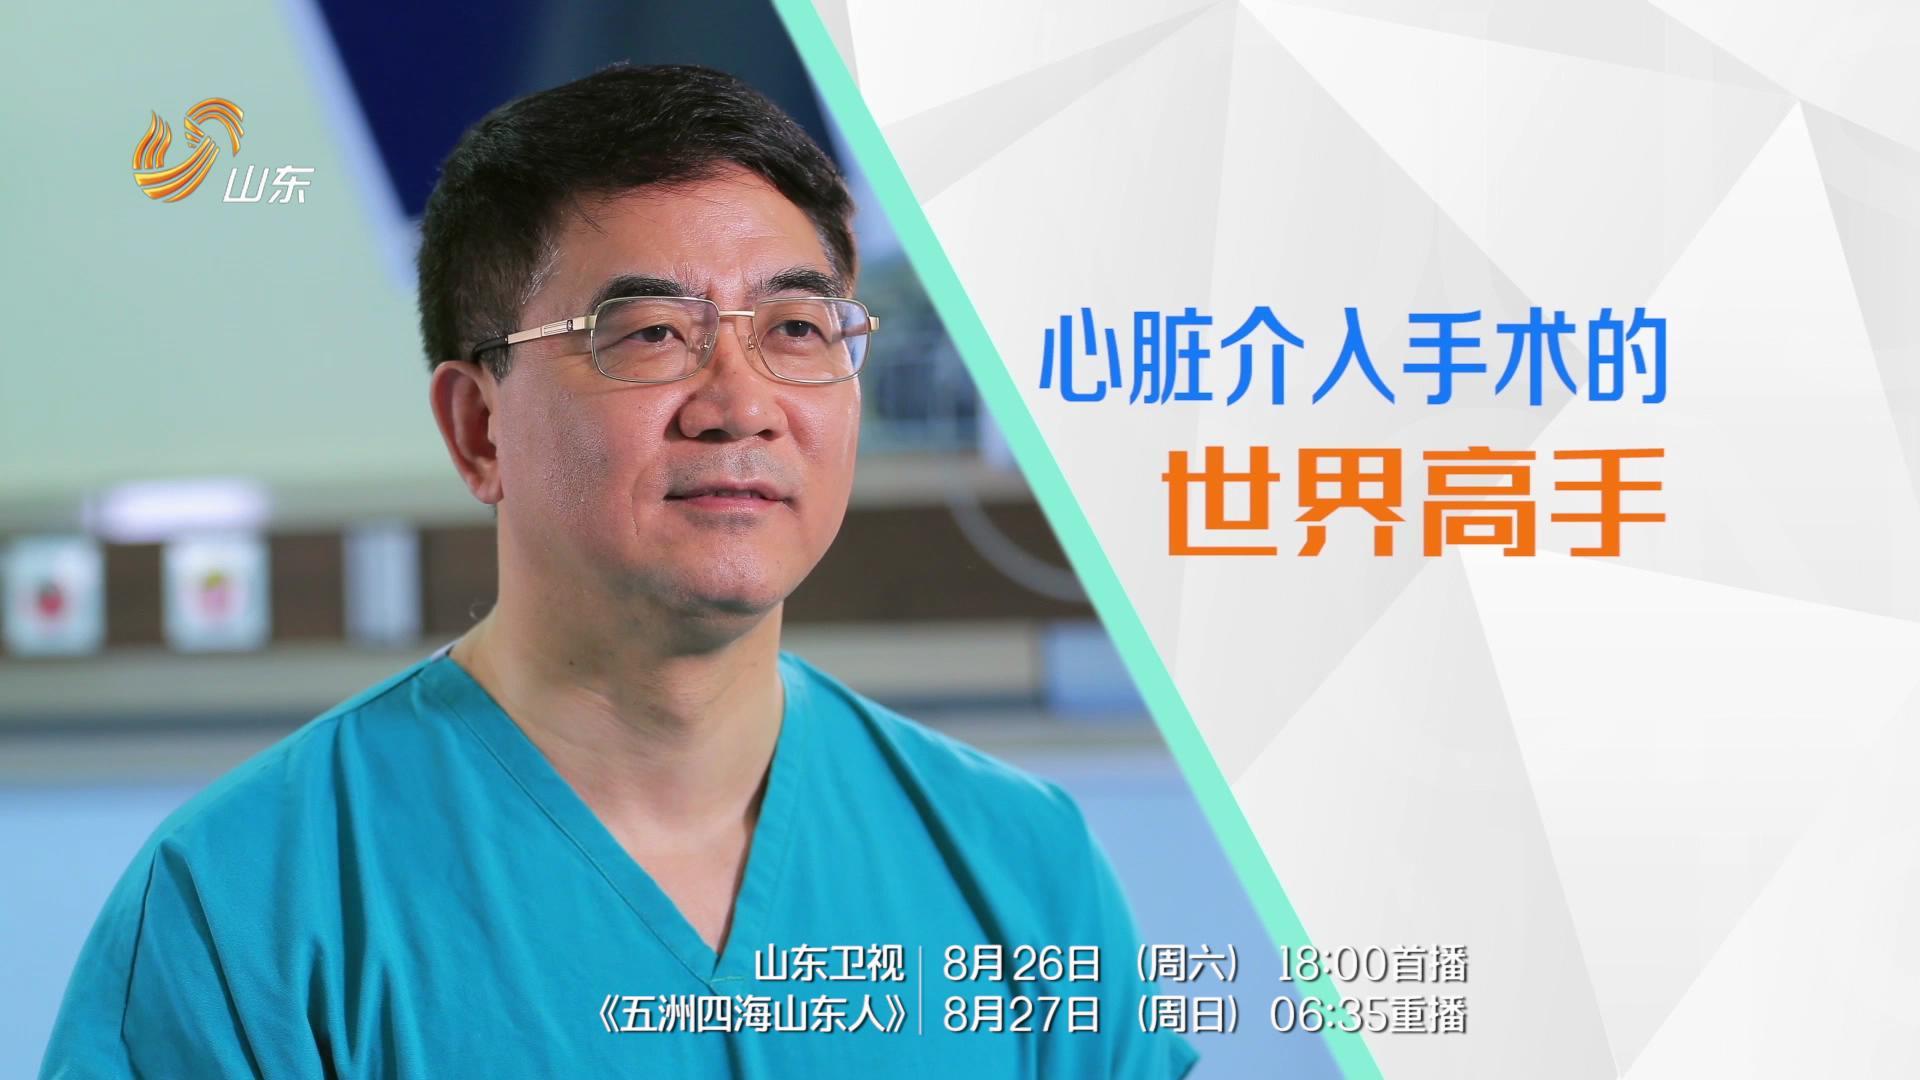 葛均波:心脏介入手术的世界高手